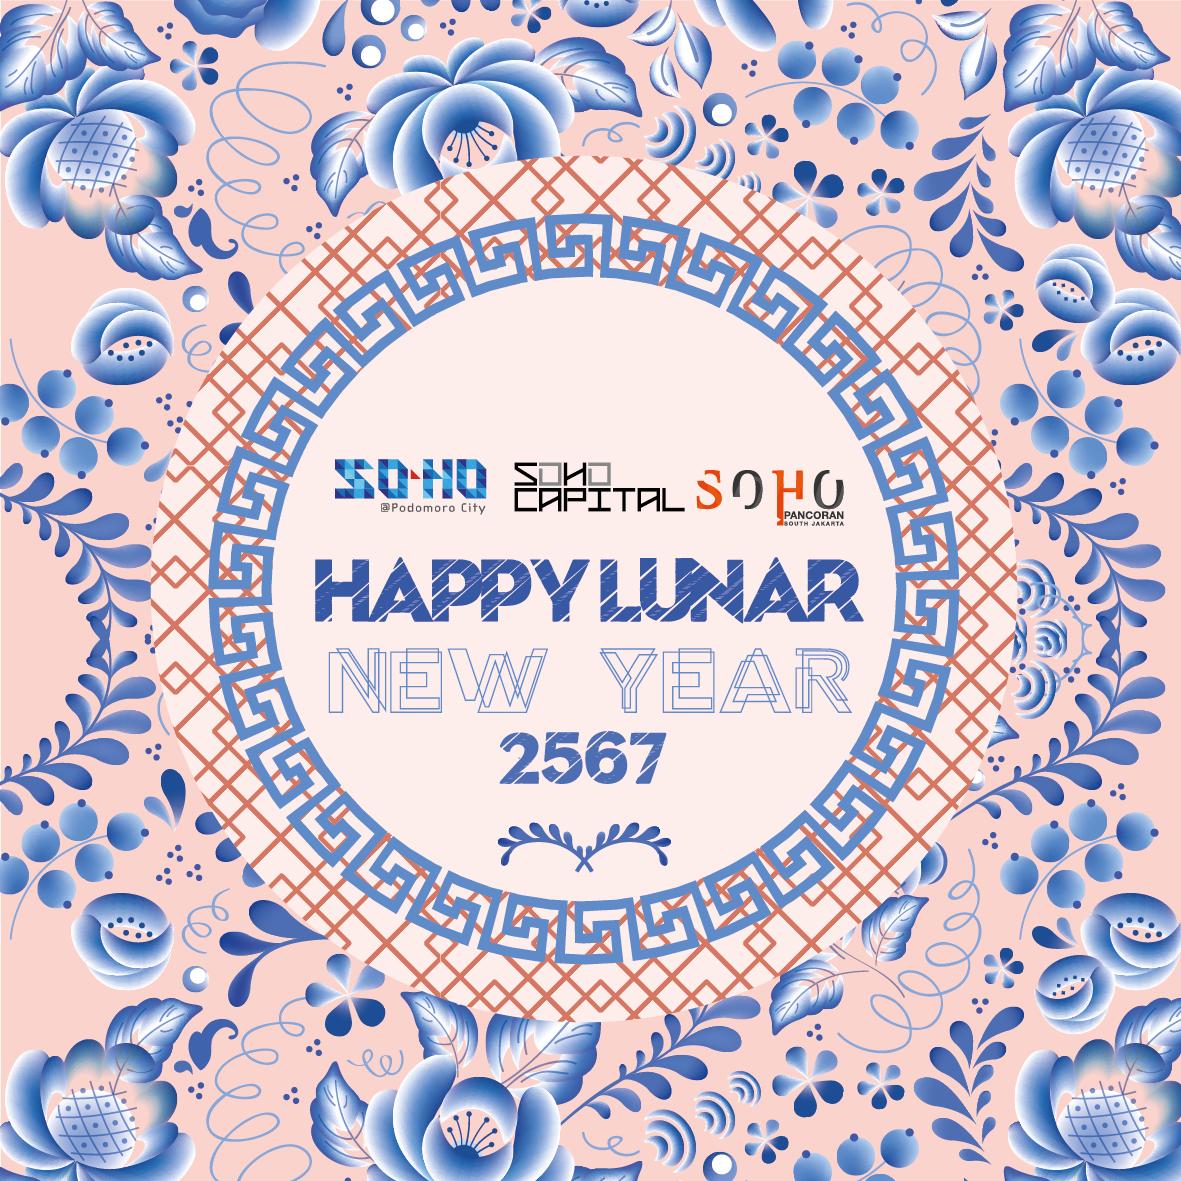 Lunar New Year 2567